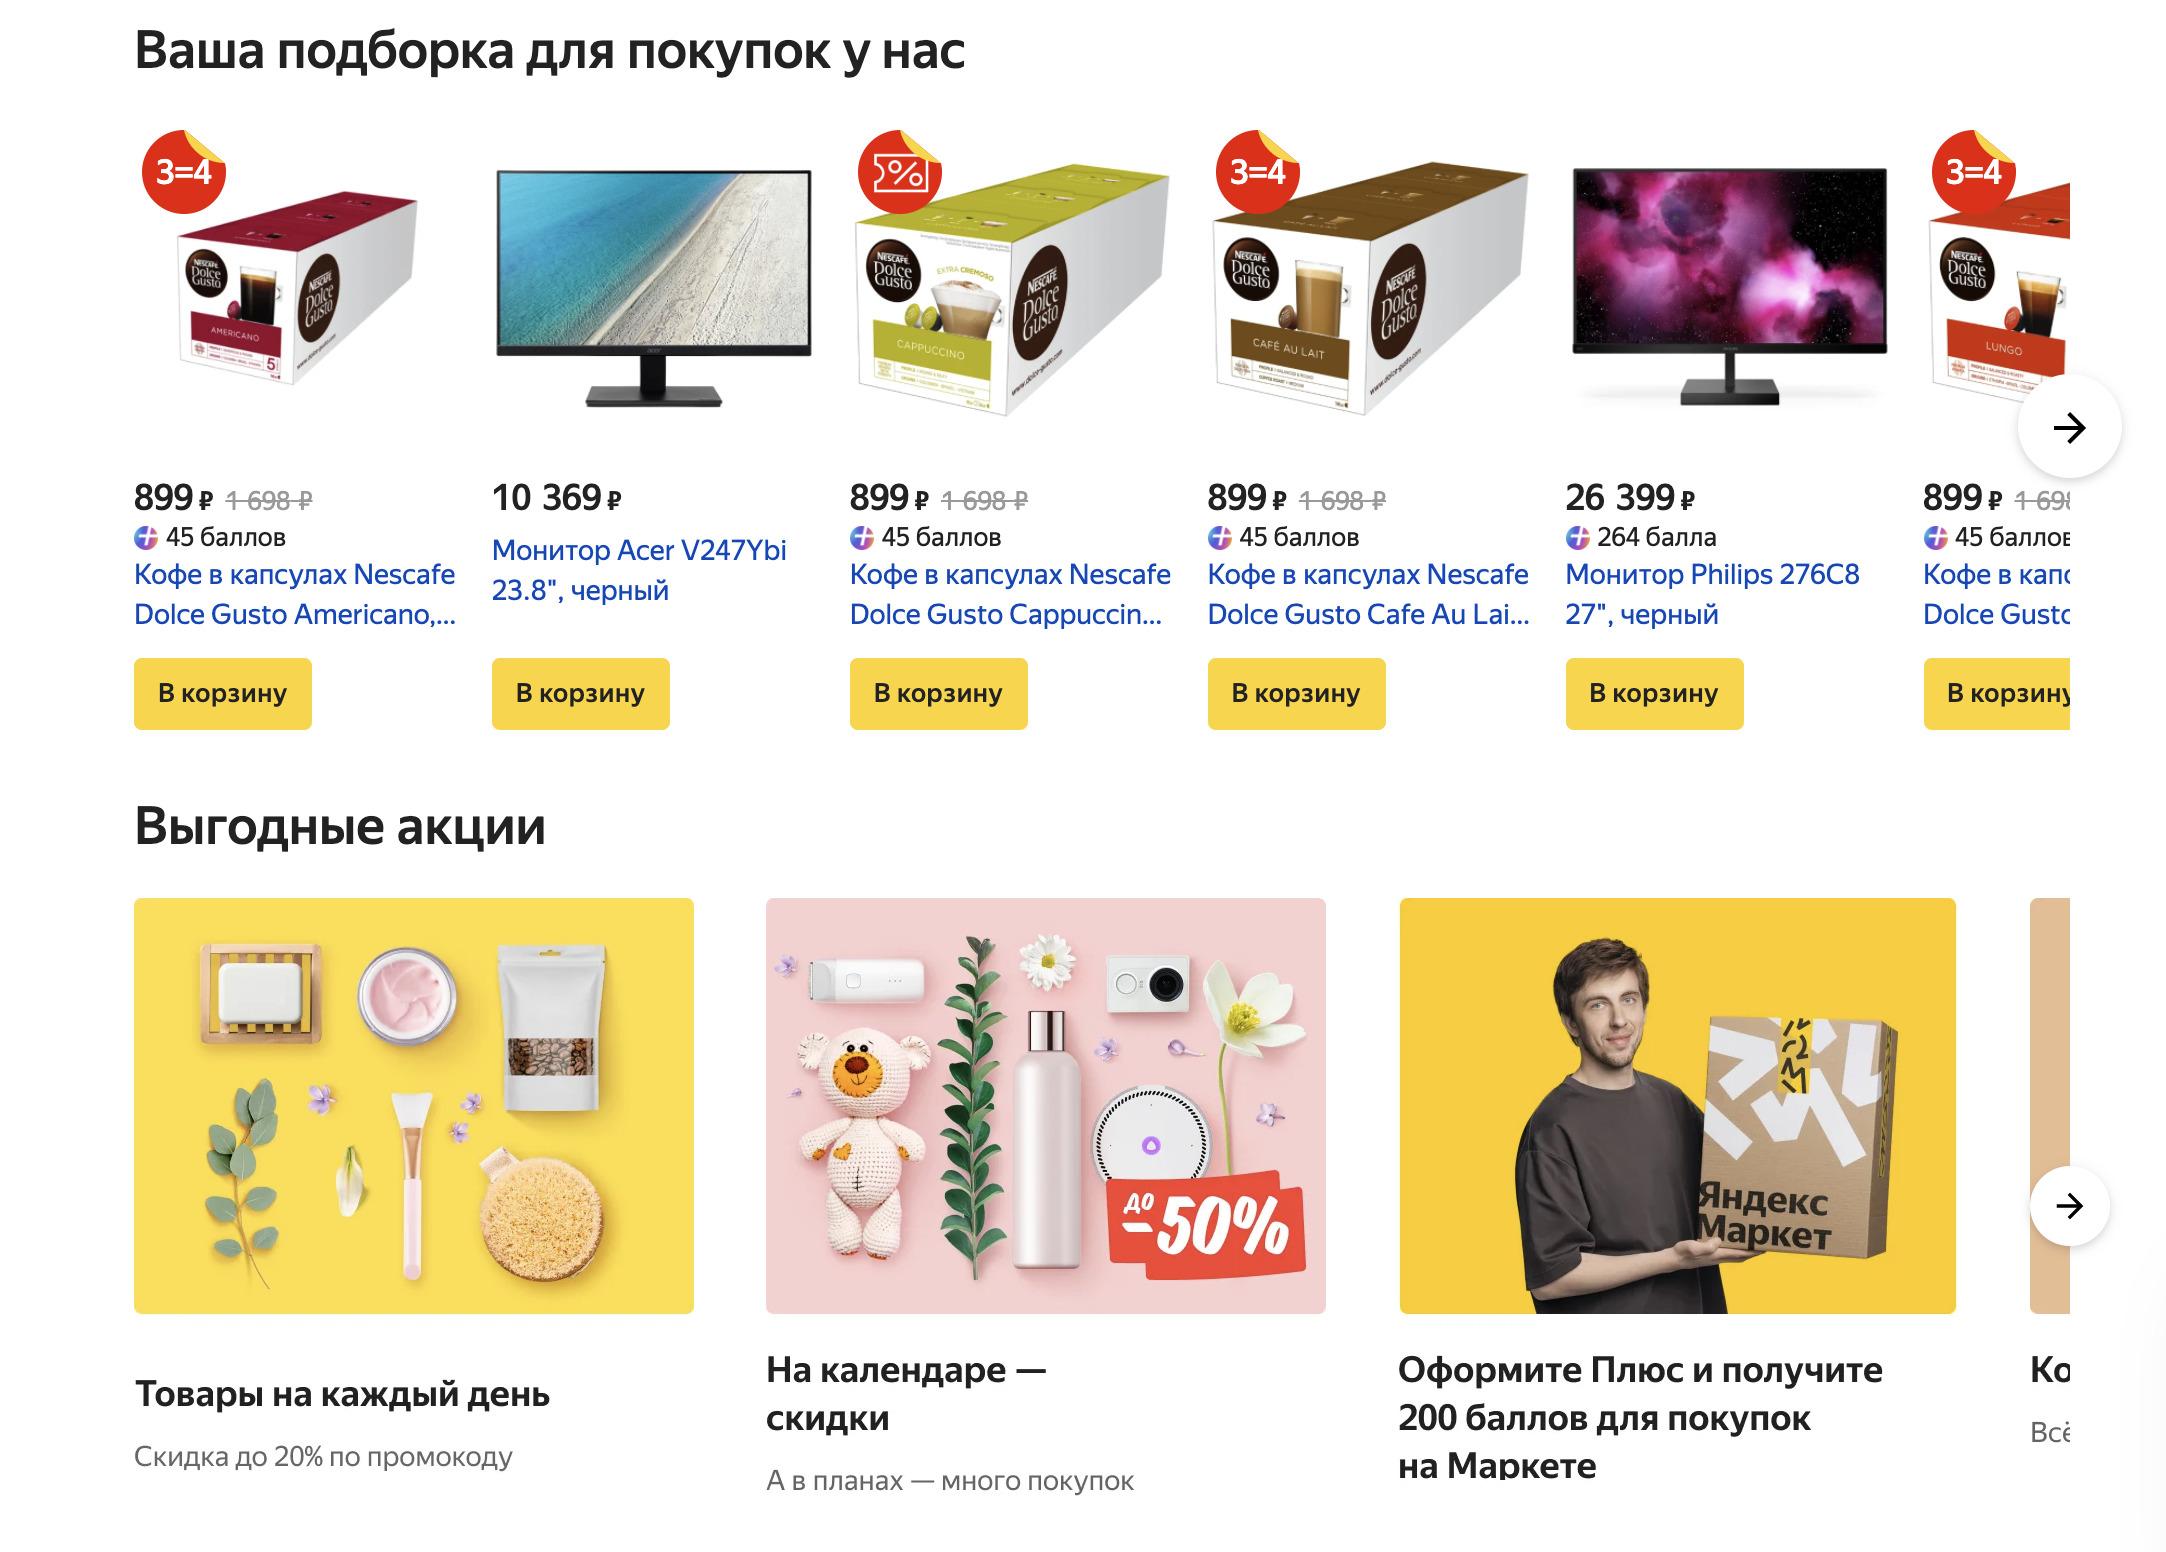 Доставка из Яндекс.Маркет в Чистополь, сроки, пункты выдачи, каталог